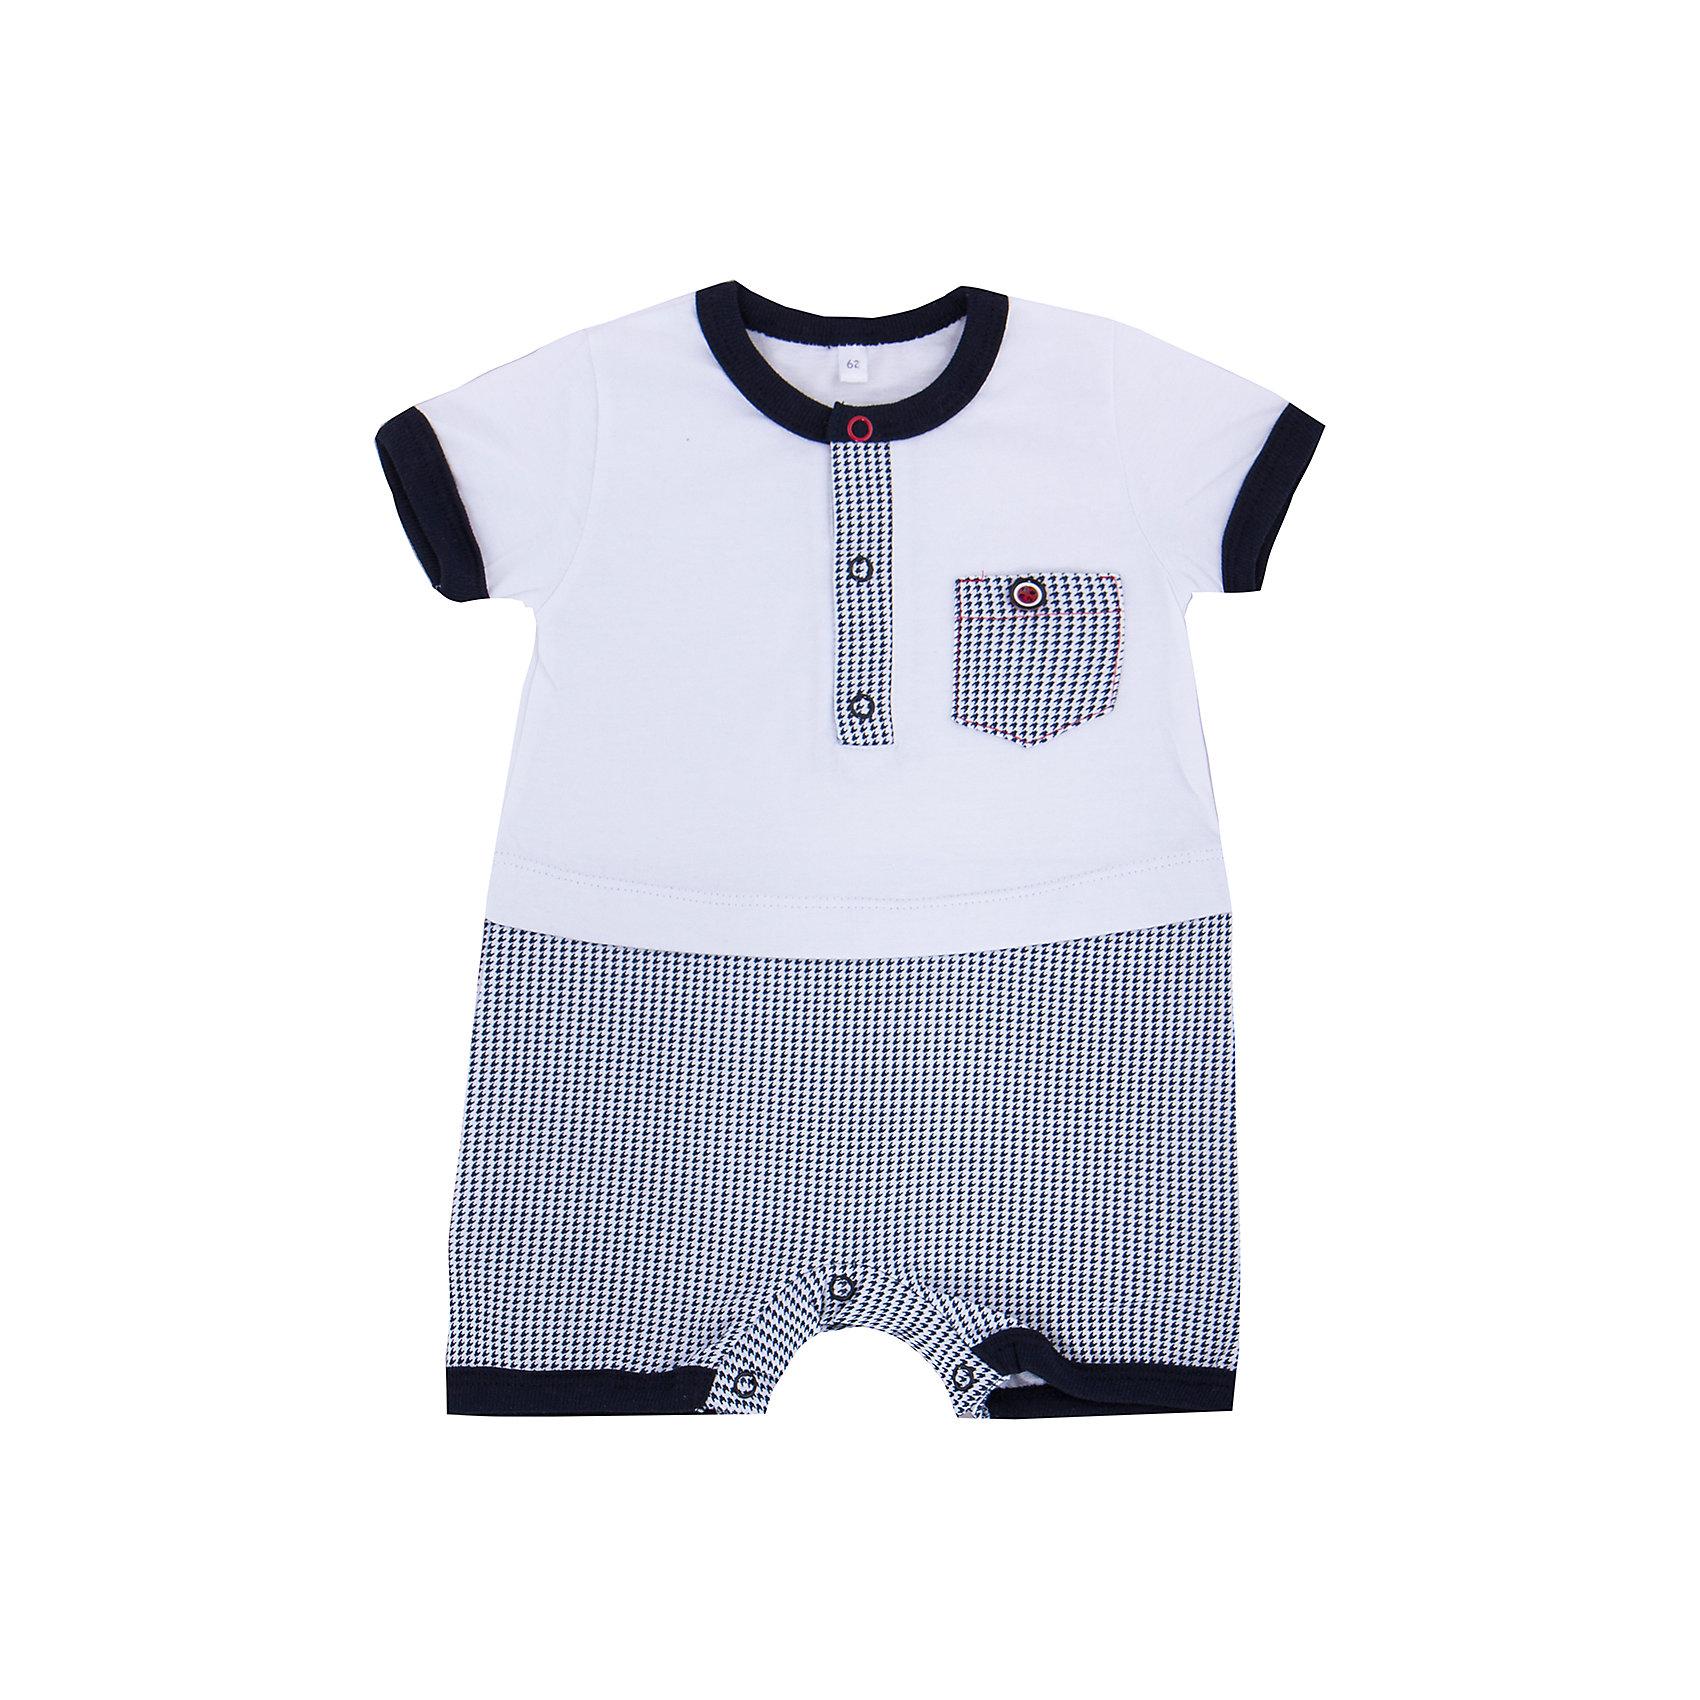 Песочник для мальчика Soni KidsПесочник для мальчика от популярной марки Soni Kids <br> <br>Модный и удобный песочник в черно-белой гамме сшит из мягкого дышащего хлопка. Это гипоаллергенный материал, который отлично подходит для детской одежды. Правильный крой обеспечит ребенку удобство, не будет натирать и стеснять движения. <br> <br>Особенности модели: <br> <br>- цвет - белый; <br>- материал - натуральный хлопок; <br>- черная отделка; <br>- карман на груди; <br>- мягкая окантовка; <br>- имитация футболки и шорт; <br>- рукава короткие, с отделкой; <br>- застежки - кнопки впереди и внизу. <br> <br>Дополнительная информация: <br> <br>Состав: 100% хлопок <br> <br>Песочник для мальчика от популярной марки Soni Kids (Сони Кидс) можно купить в нашем магазине.<br><br>Ширина мм: 157<br>Глубина мм: 13<br>Высота мм: 119<br>Вес г: 200<br>Цвет: белый/серый<br>Возраст от месяцев: 12<br>Возраст до месяцев: 18<br>Пол: Мужской<br>Возраст: Детский<br>Размер: 86,74,80,68,62<br>SKU: 4545027